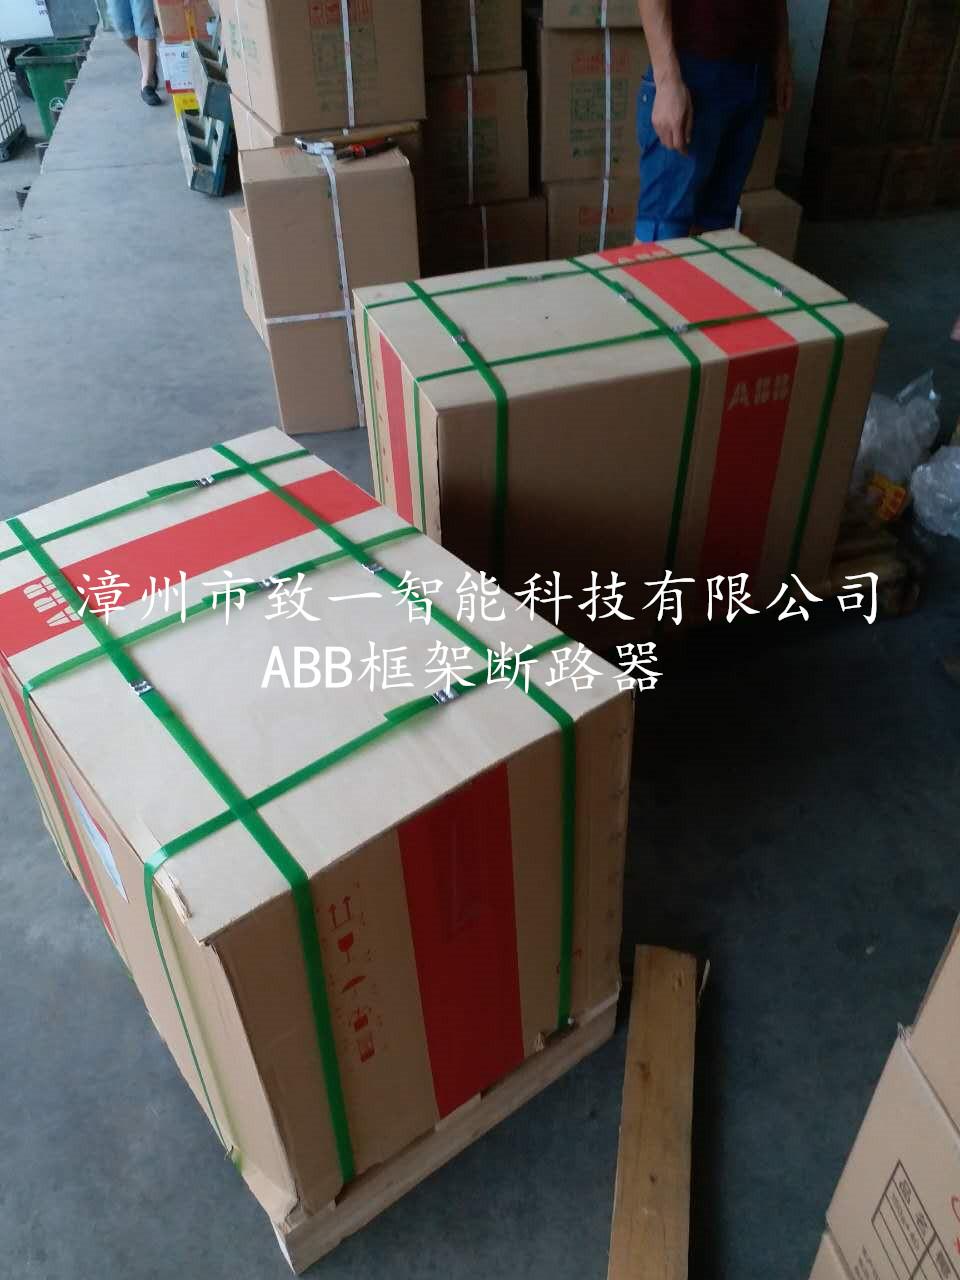 E1B1000 R1000 PR122/P-LSIG  ABB框架断路器